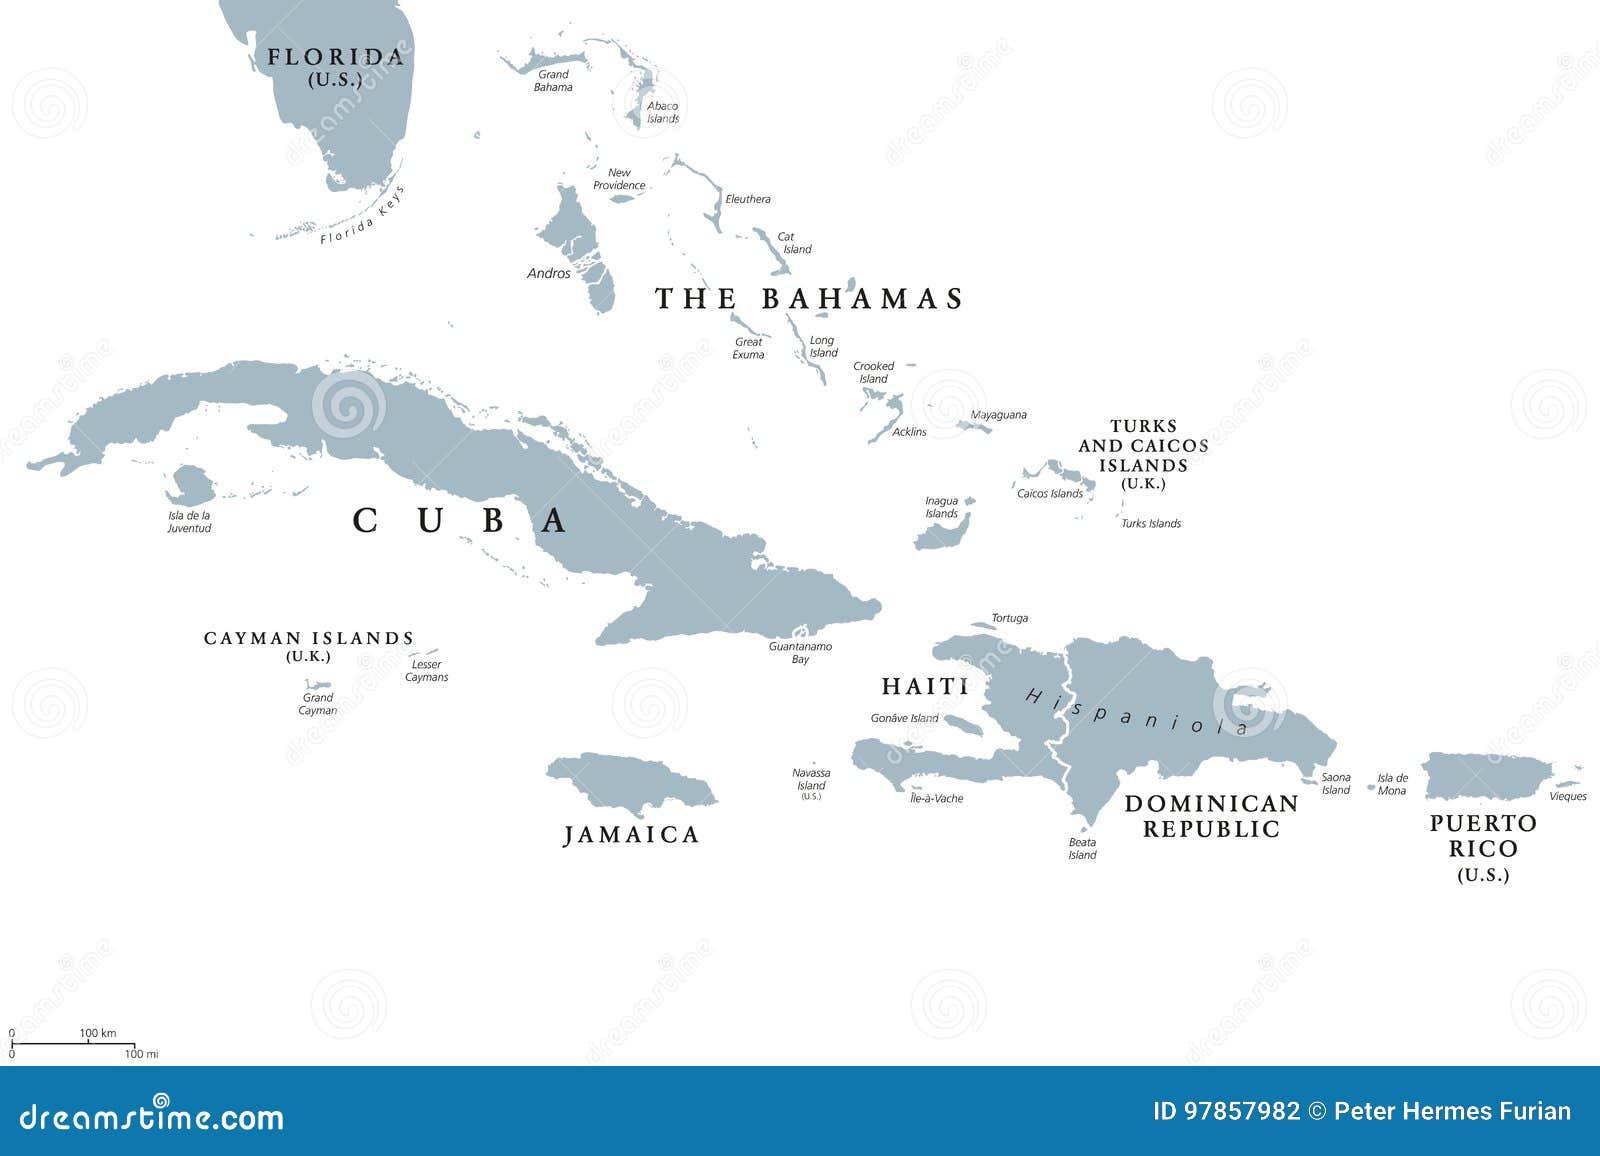 Μεγαλύτερος πολιτικός χάρτης των Αντιλλών